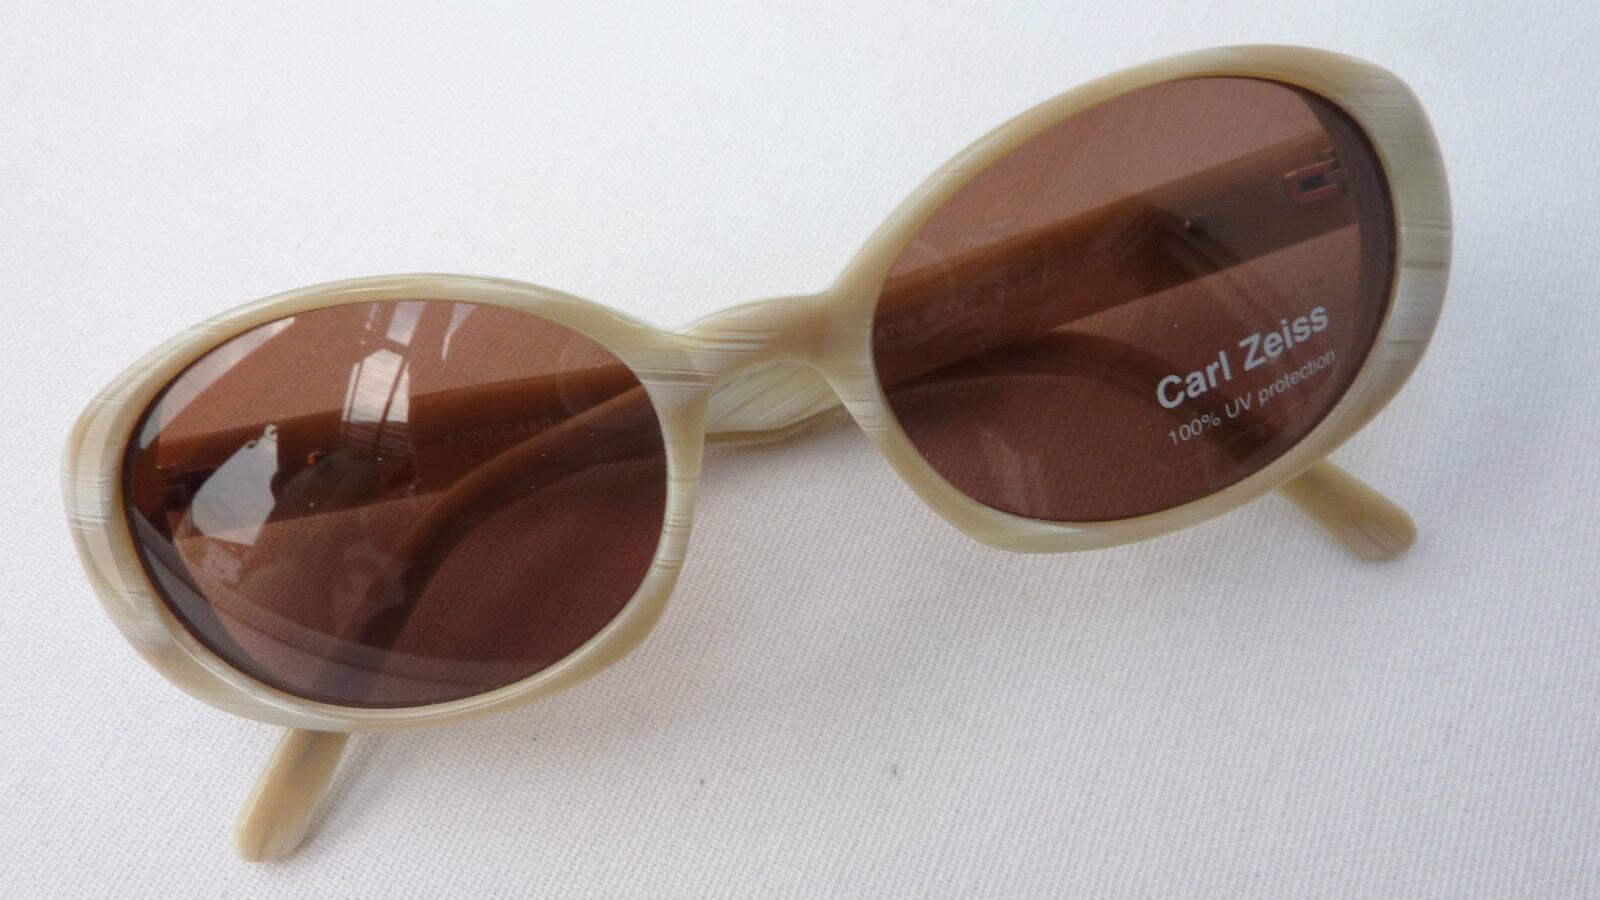 Toni Gard Sonnenbrille Sunglasses Damen braune GläserZeiss Hornoptik Frame Frame Frame GrößeM     | Tragen-wider  | Züchtungen Eingeführt Werden Eine Nach Der Anderen  | Reparieren  1eeedf